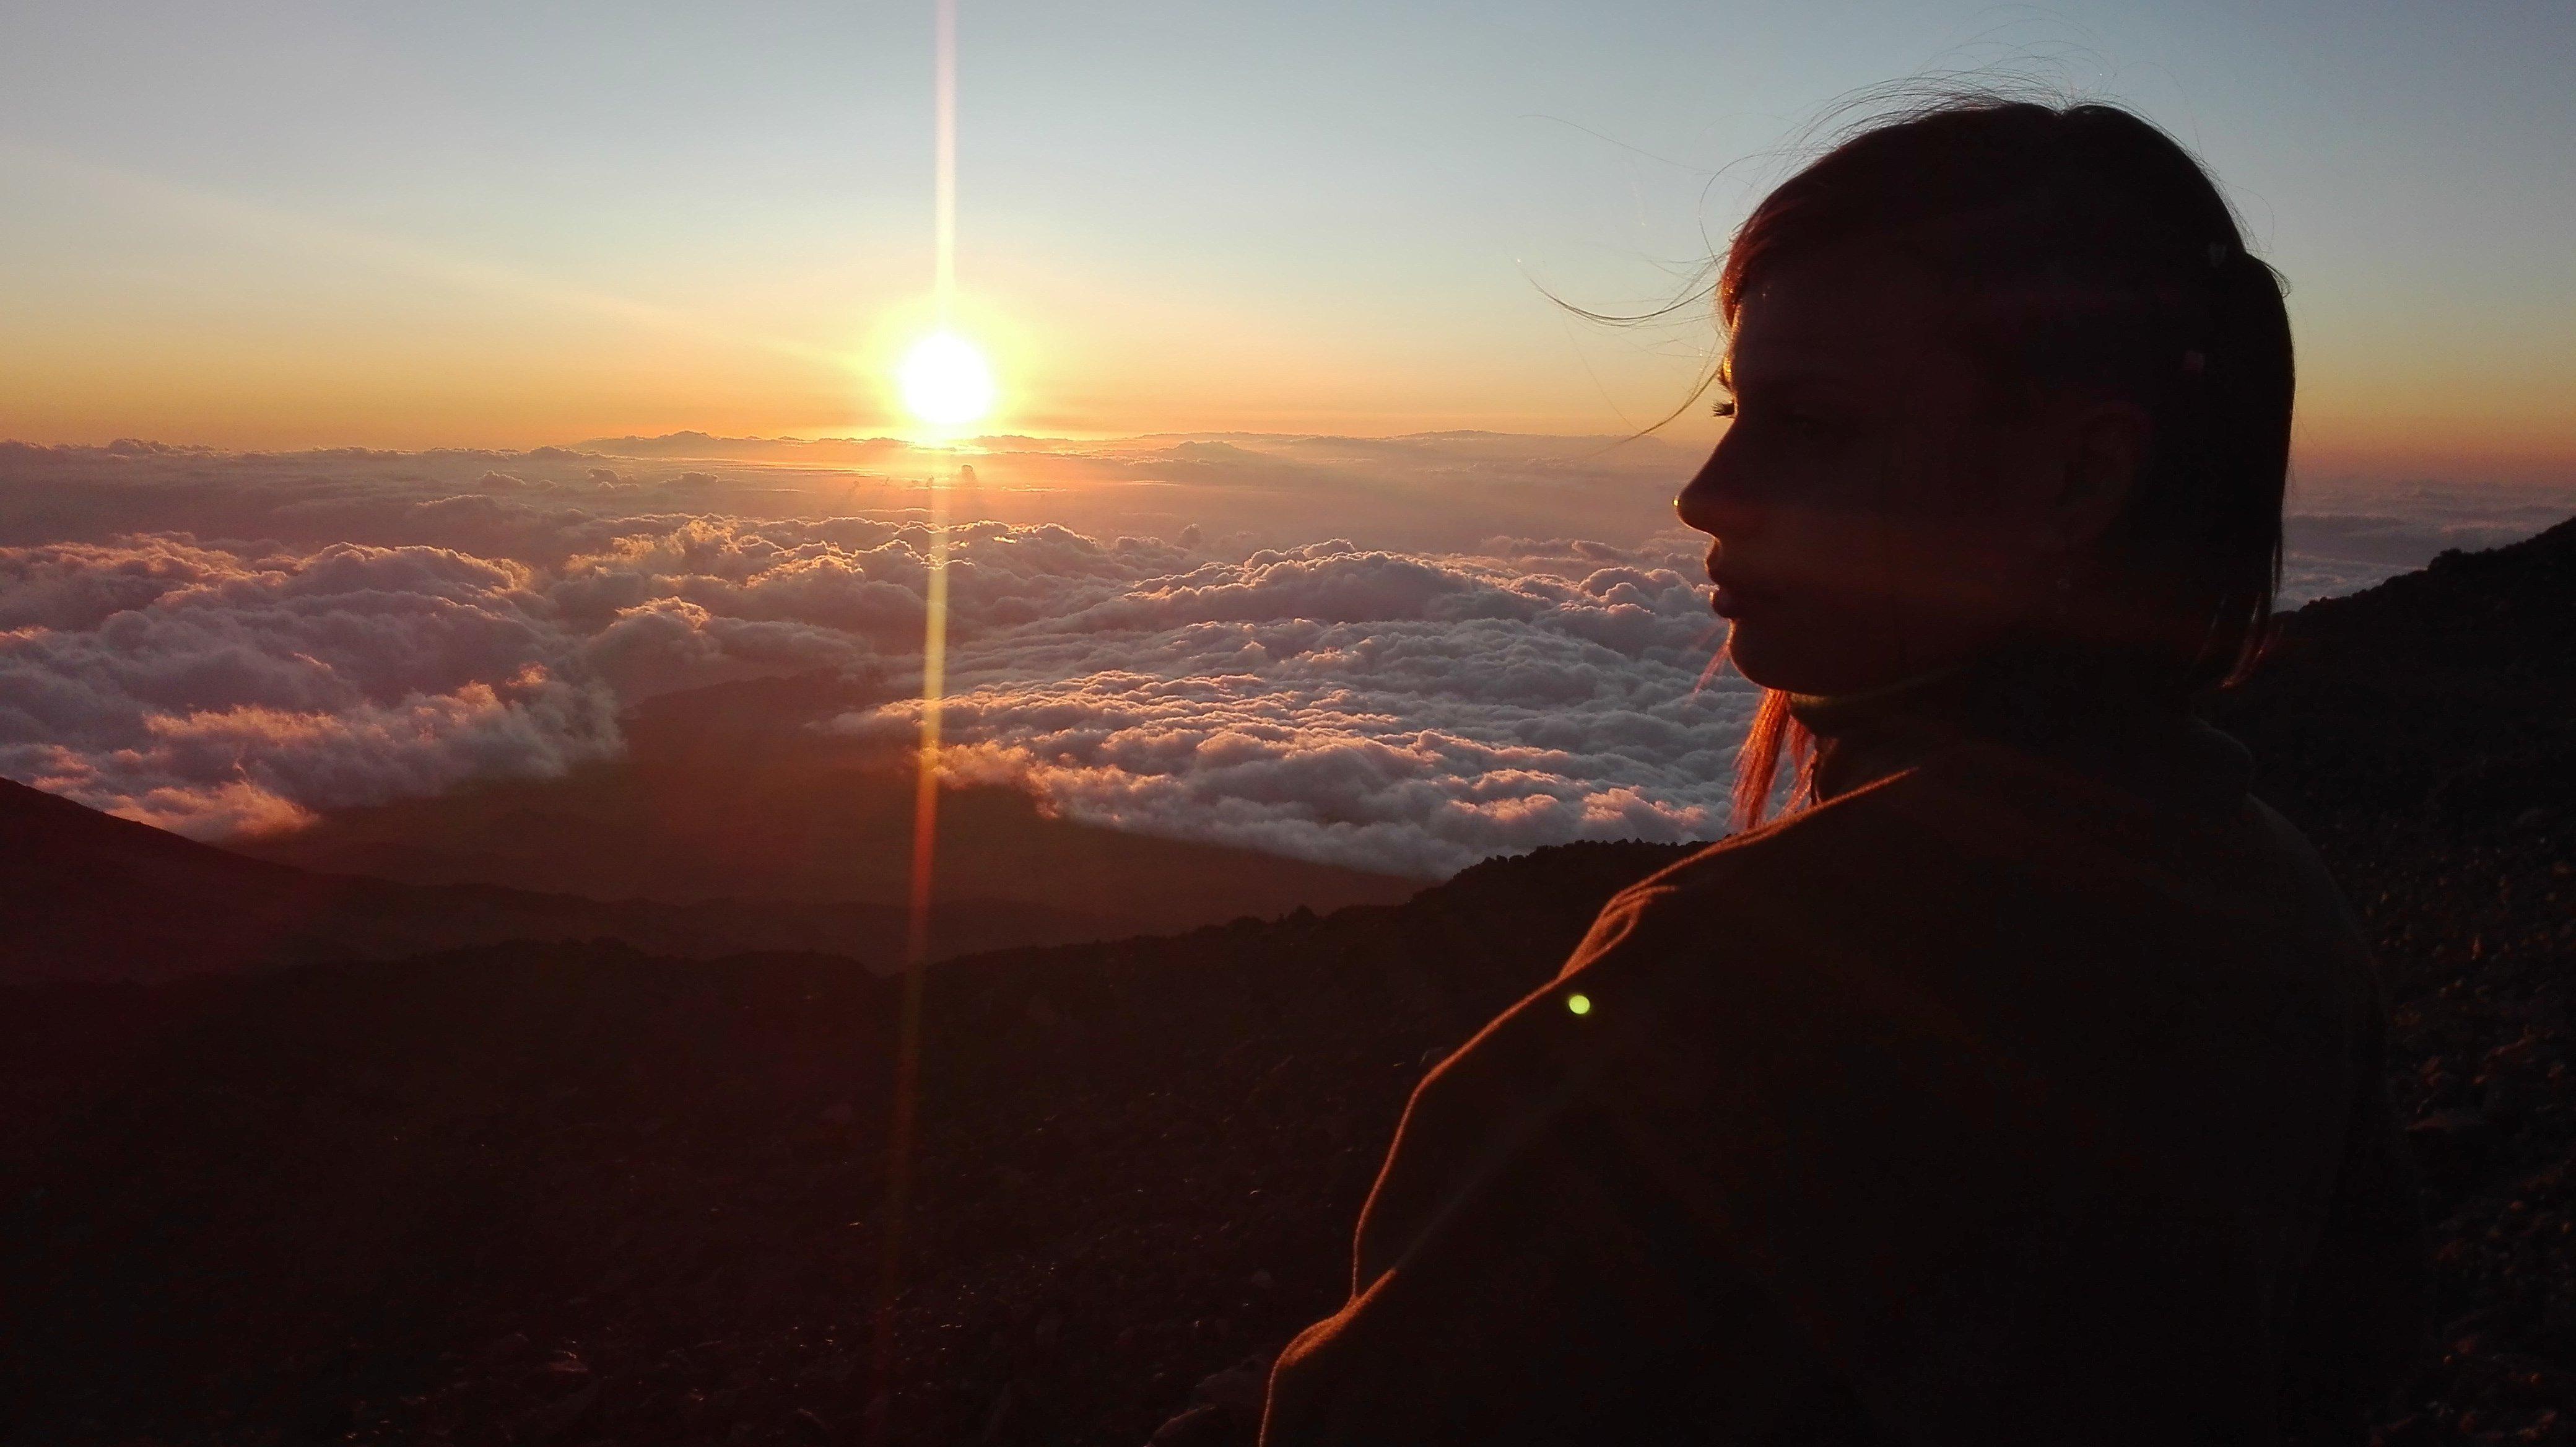 Monter au Teide sans autorisation : Coucher de soleil à Pico Viejo